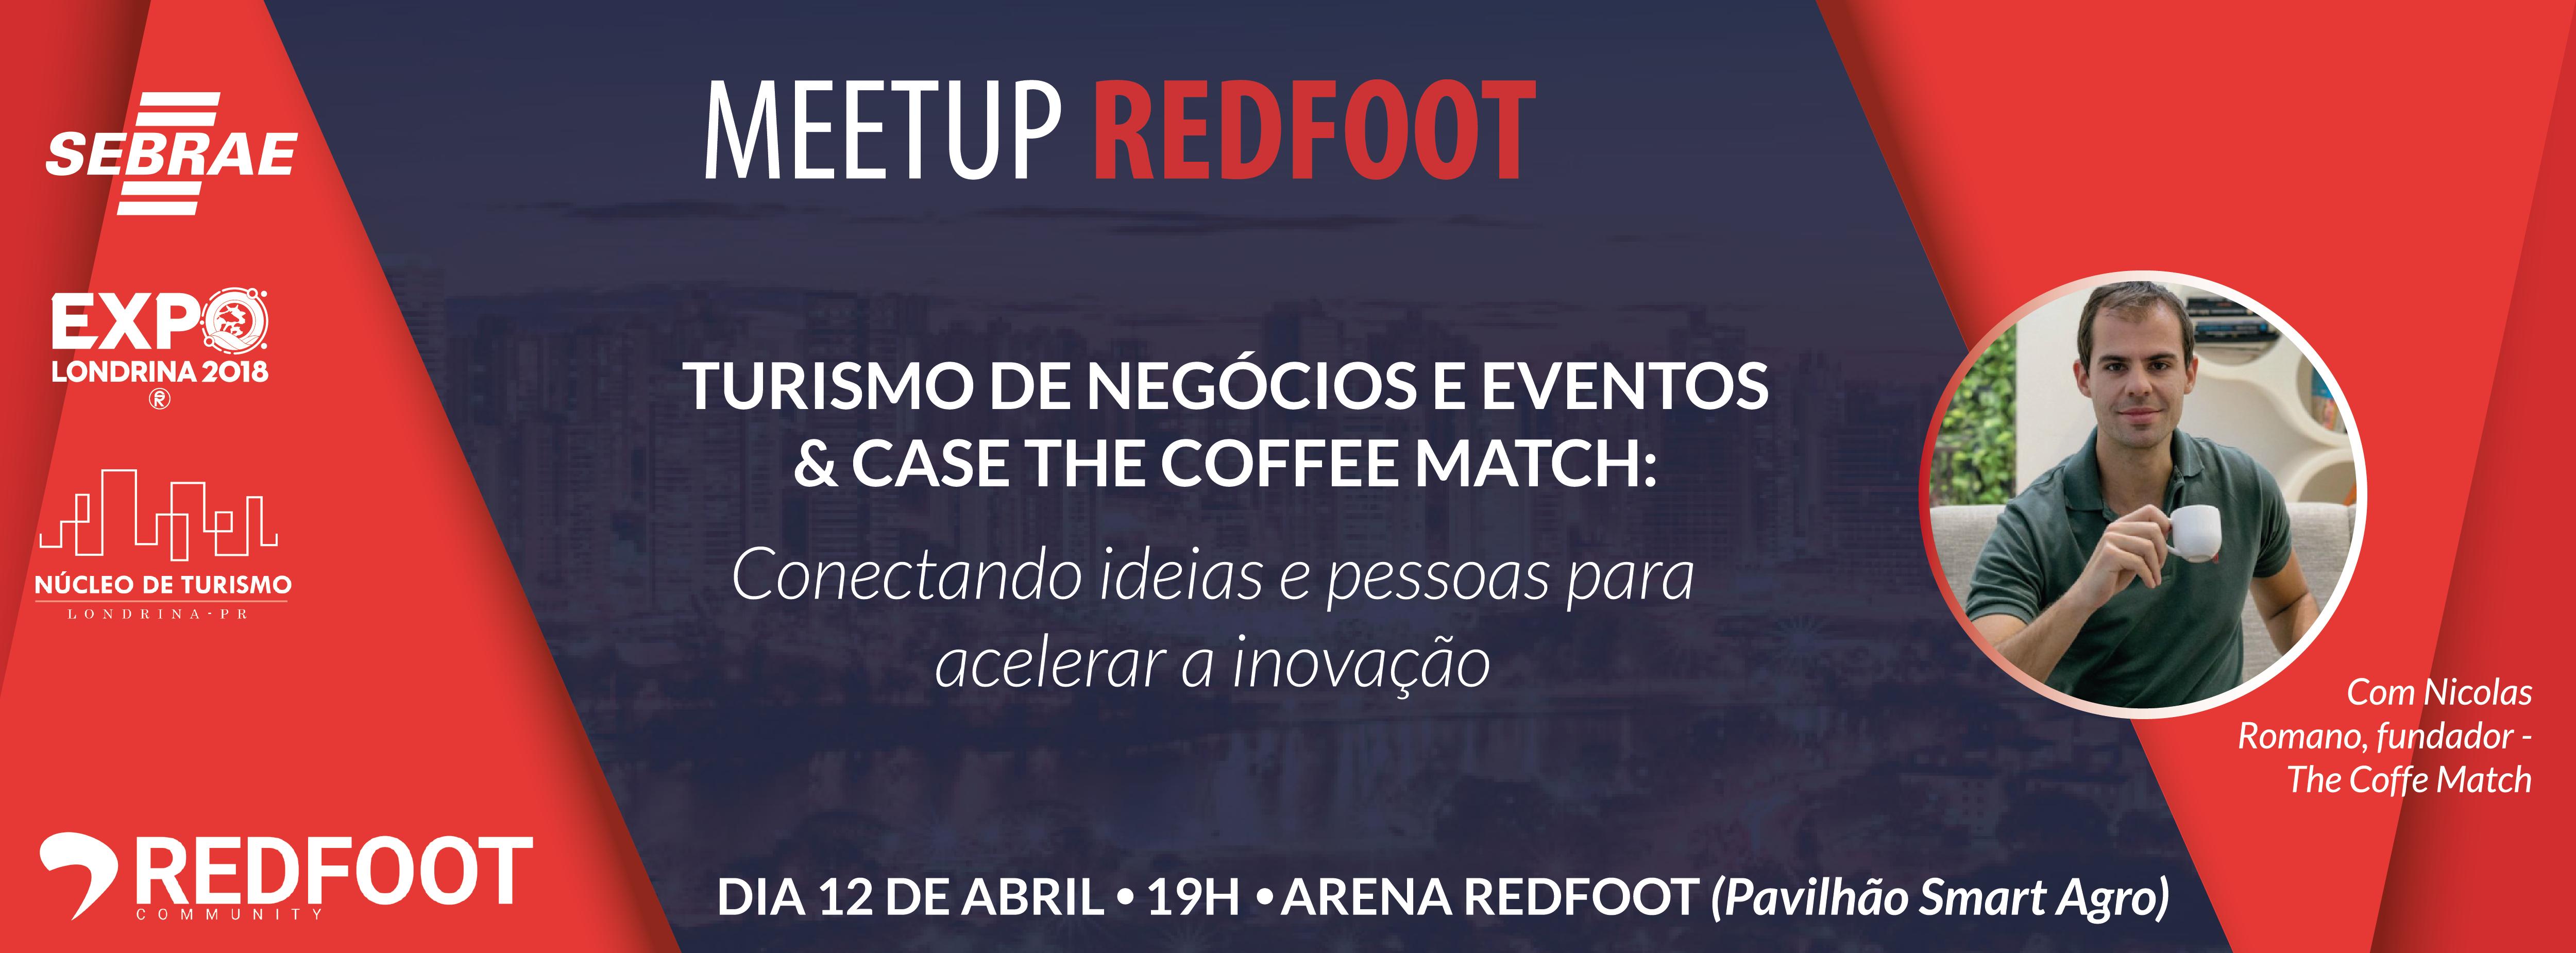 Match meetup login